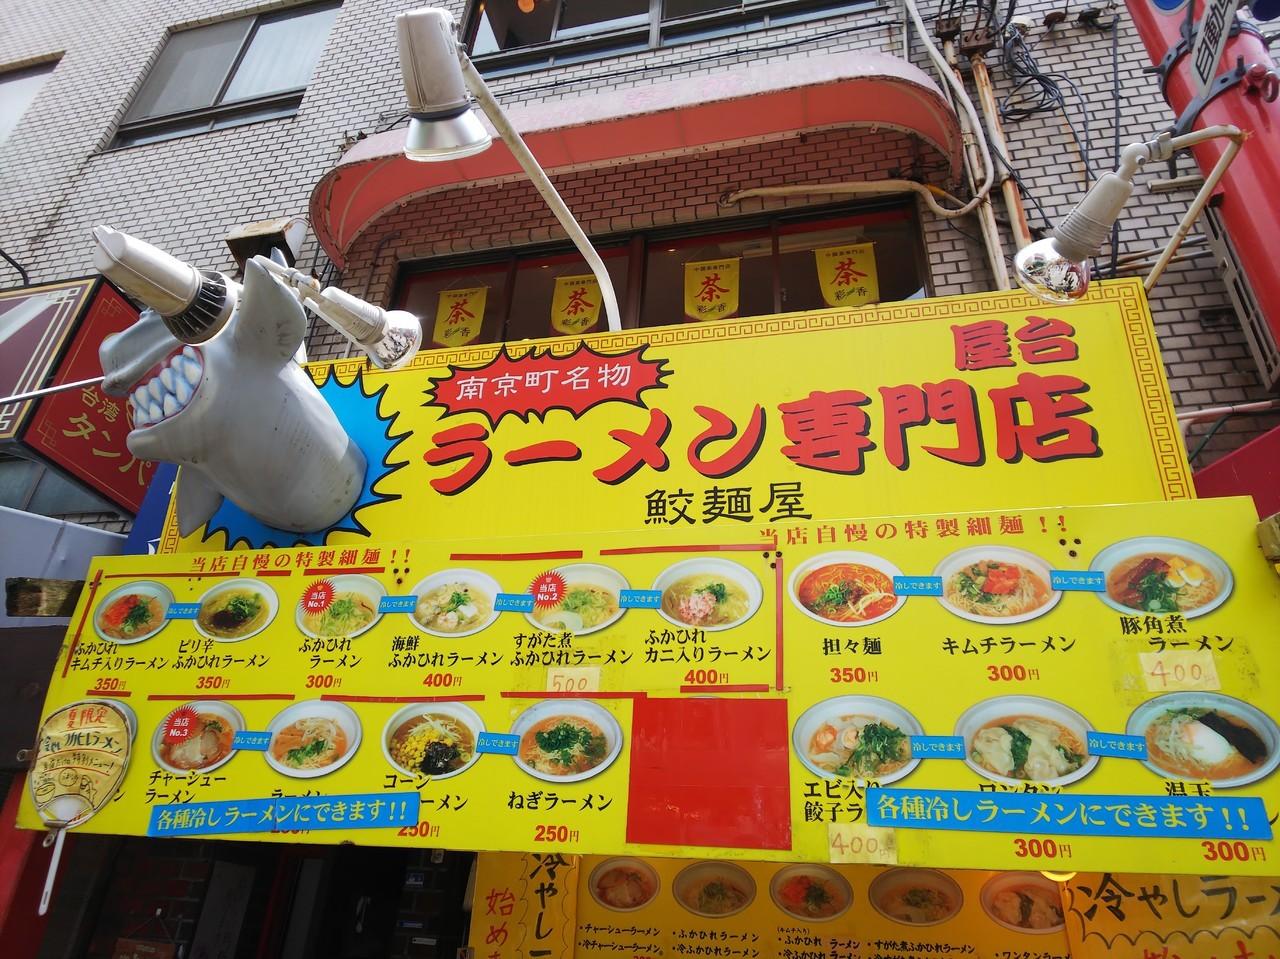 鮫麺屋 image